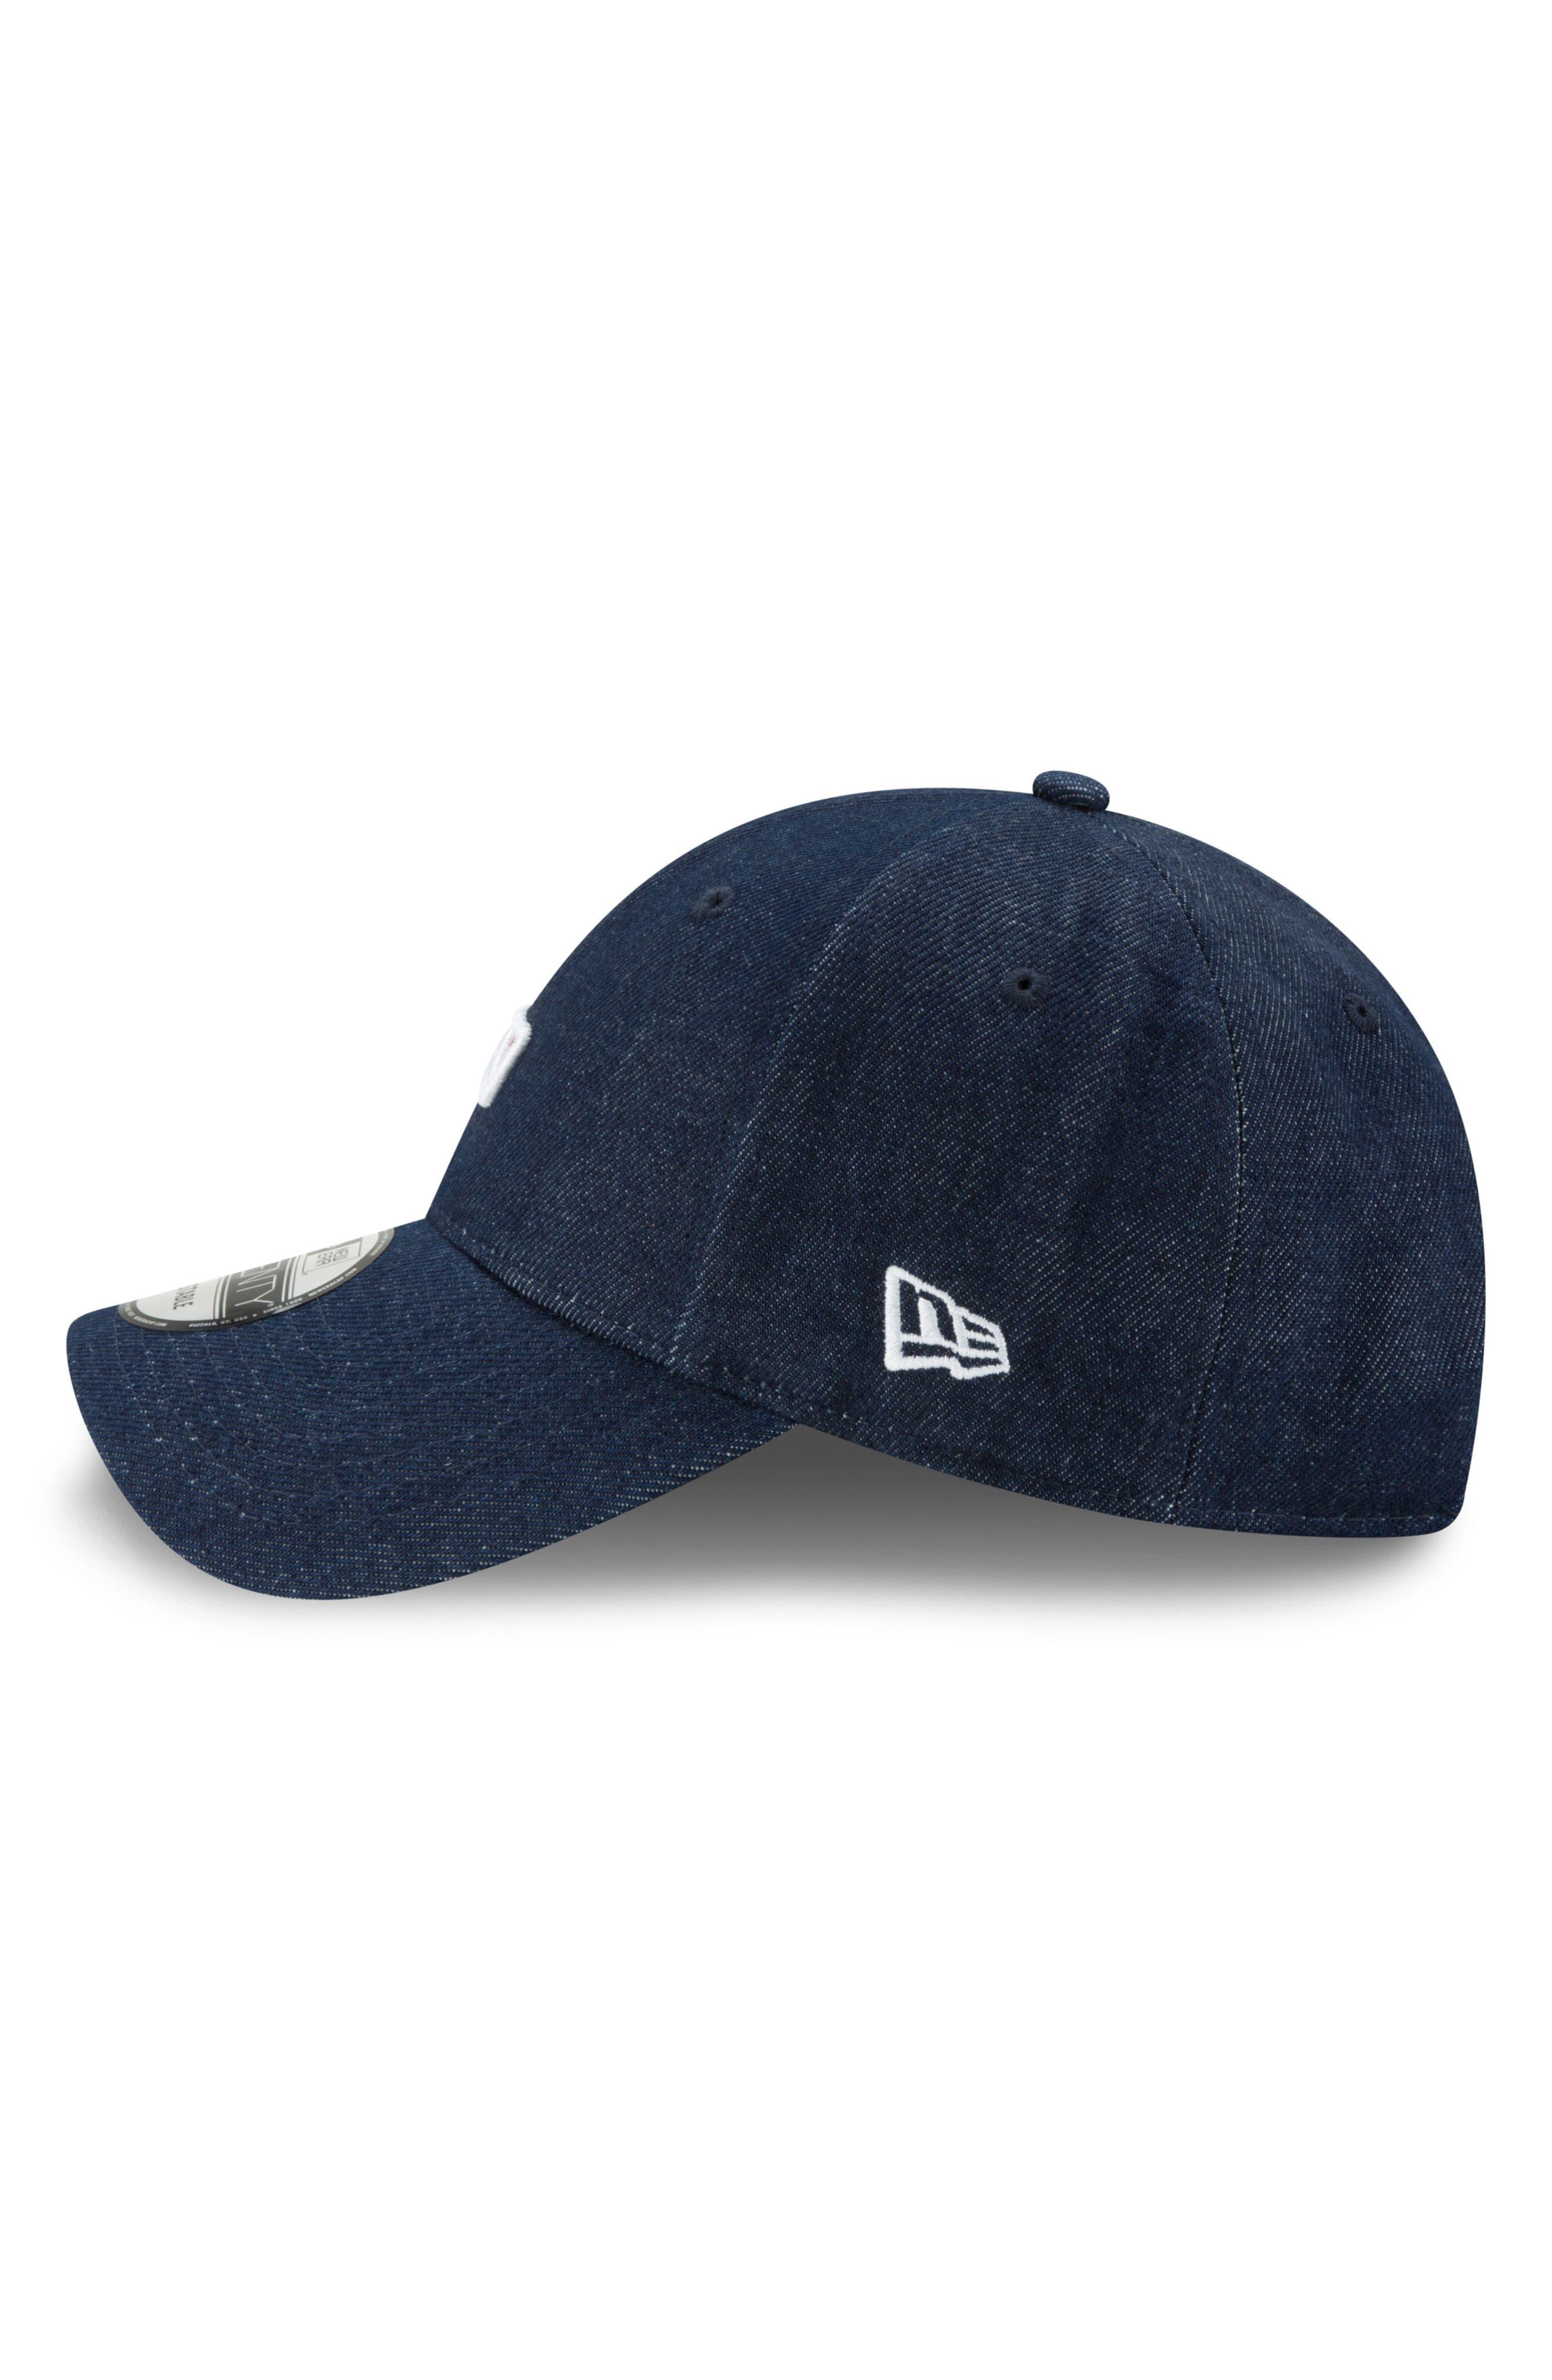 x Levi's<sup>®</sup> MLB Micro Batterman Baseball Cap,                             Alternate thumbnail 2, color,                             Black